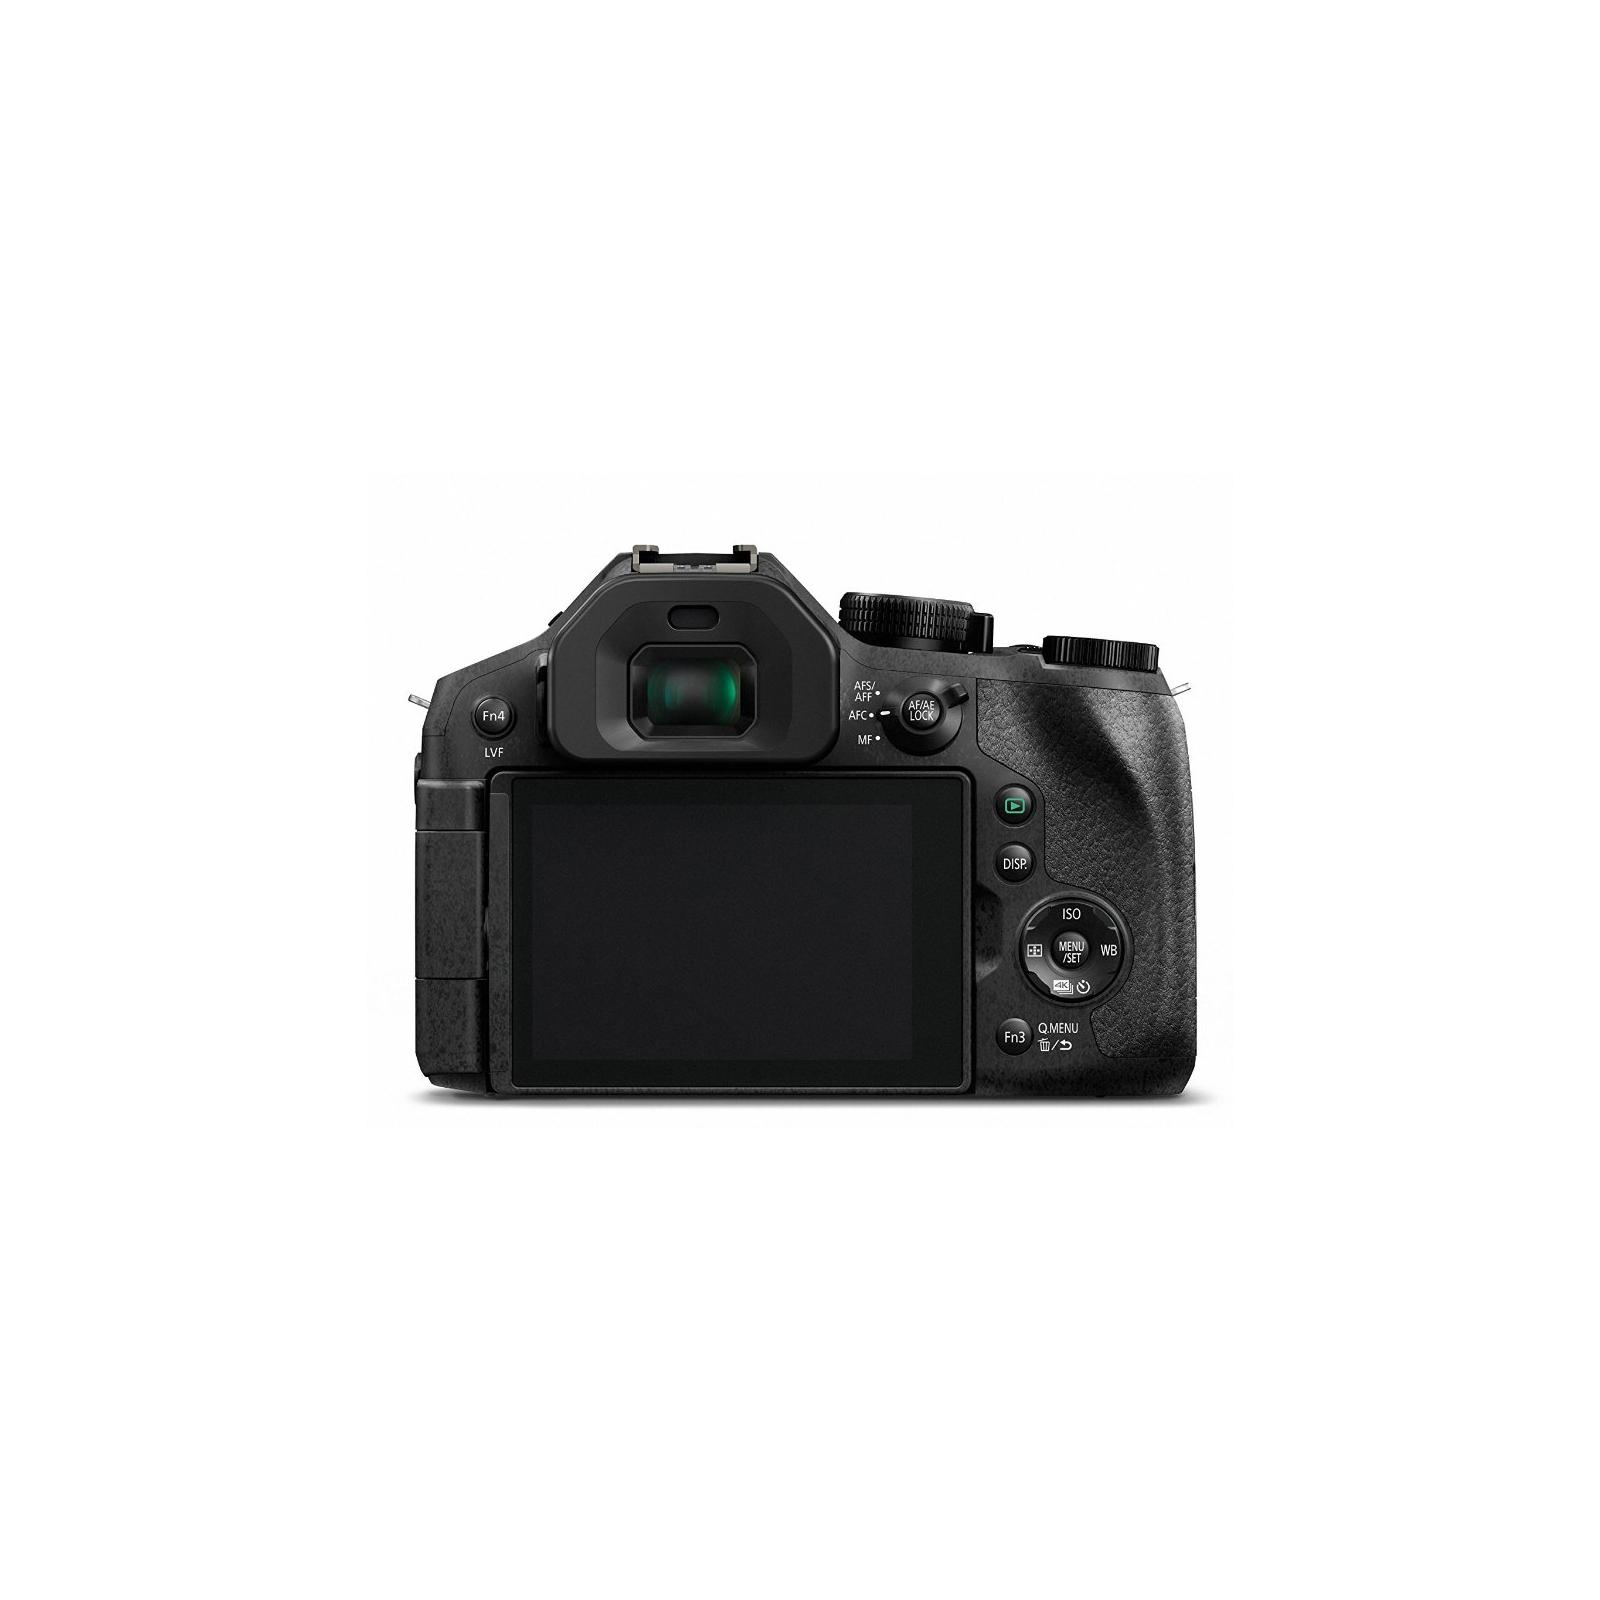 Цифровой фотоаппарат PANASONIC DMC-FZ300 (DMC-FZ300EEK) изображение 3